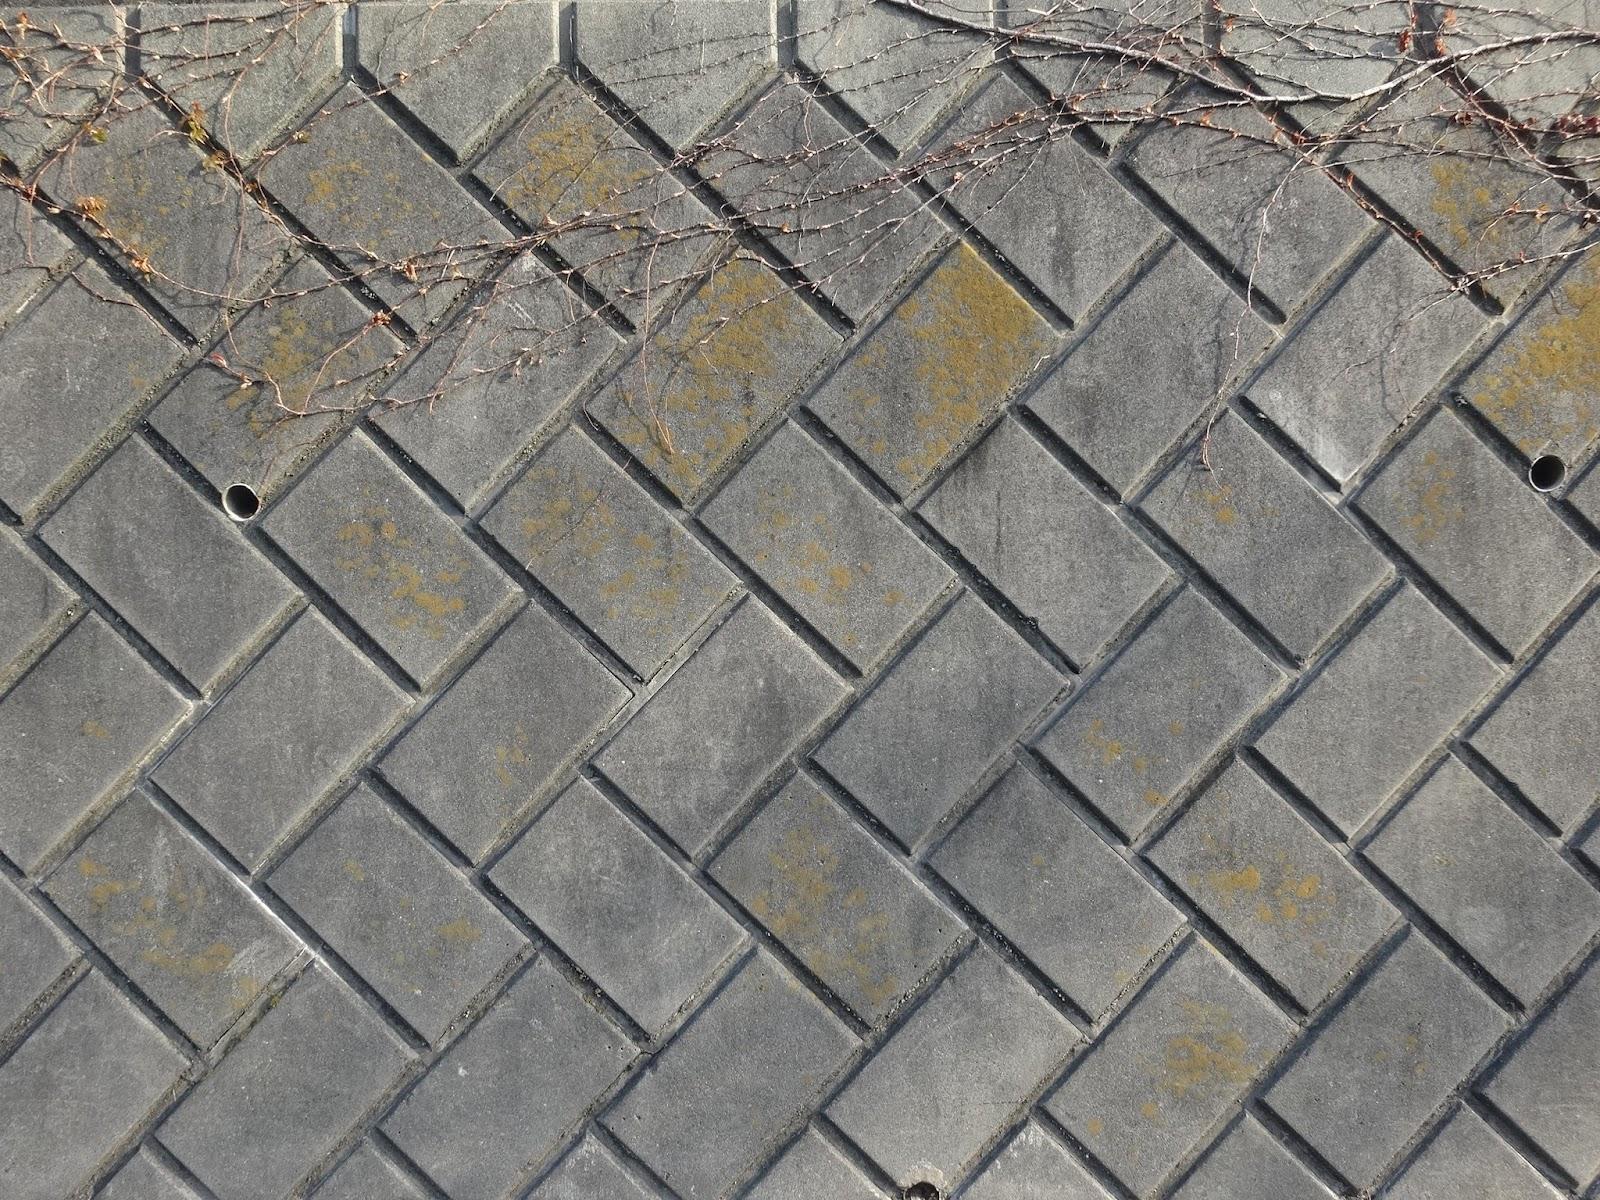 石垣,ブロック塀,土台〈著作権フリー画像〉 Free Stock Photos